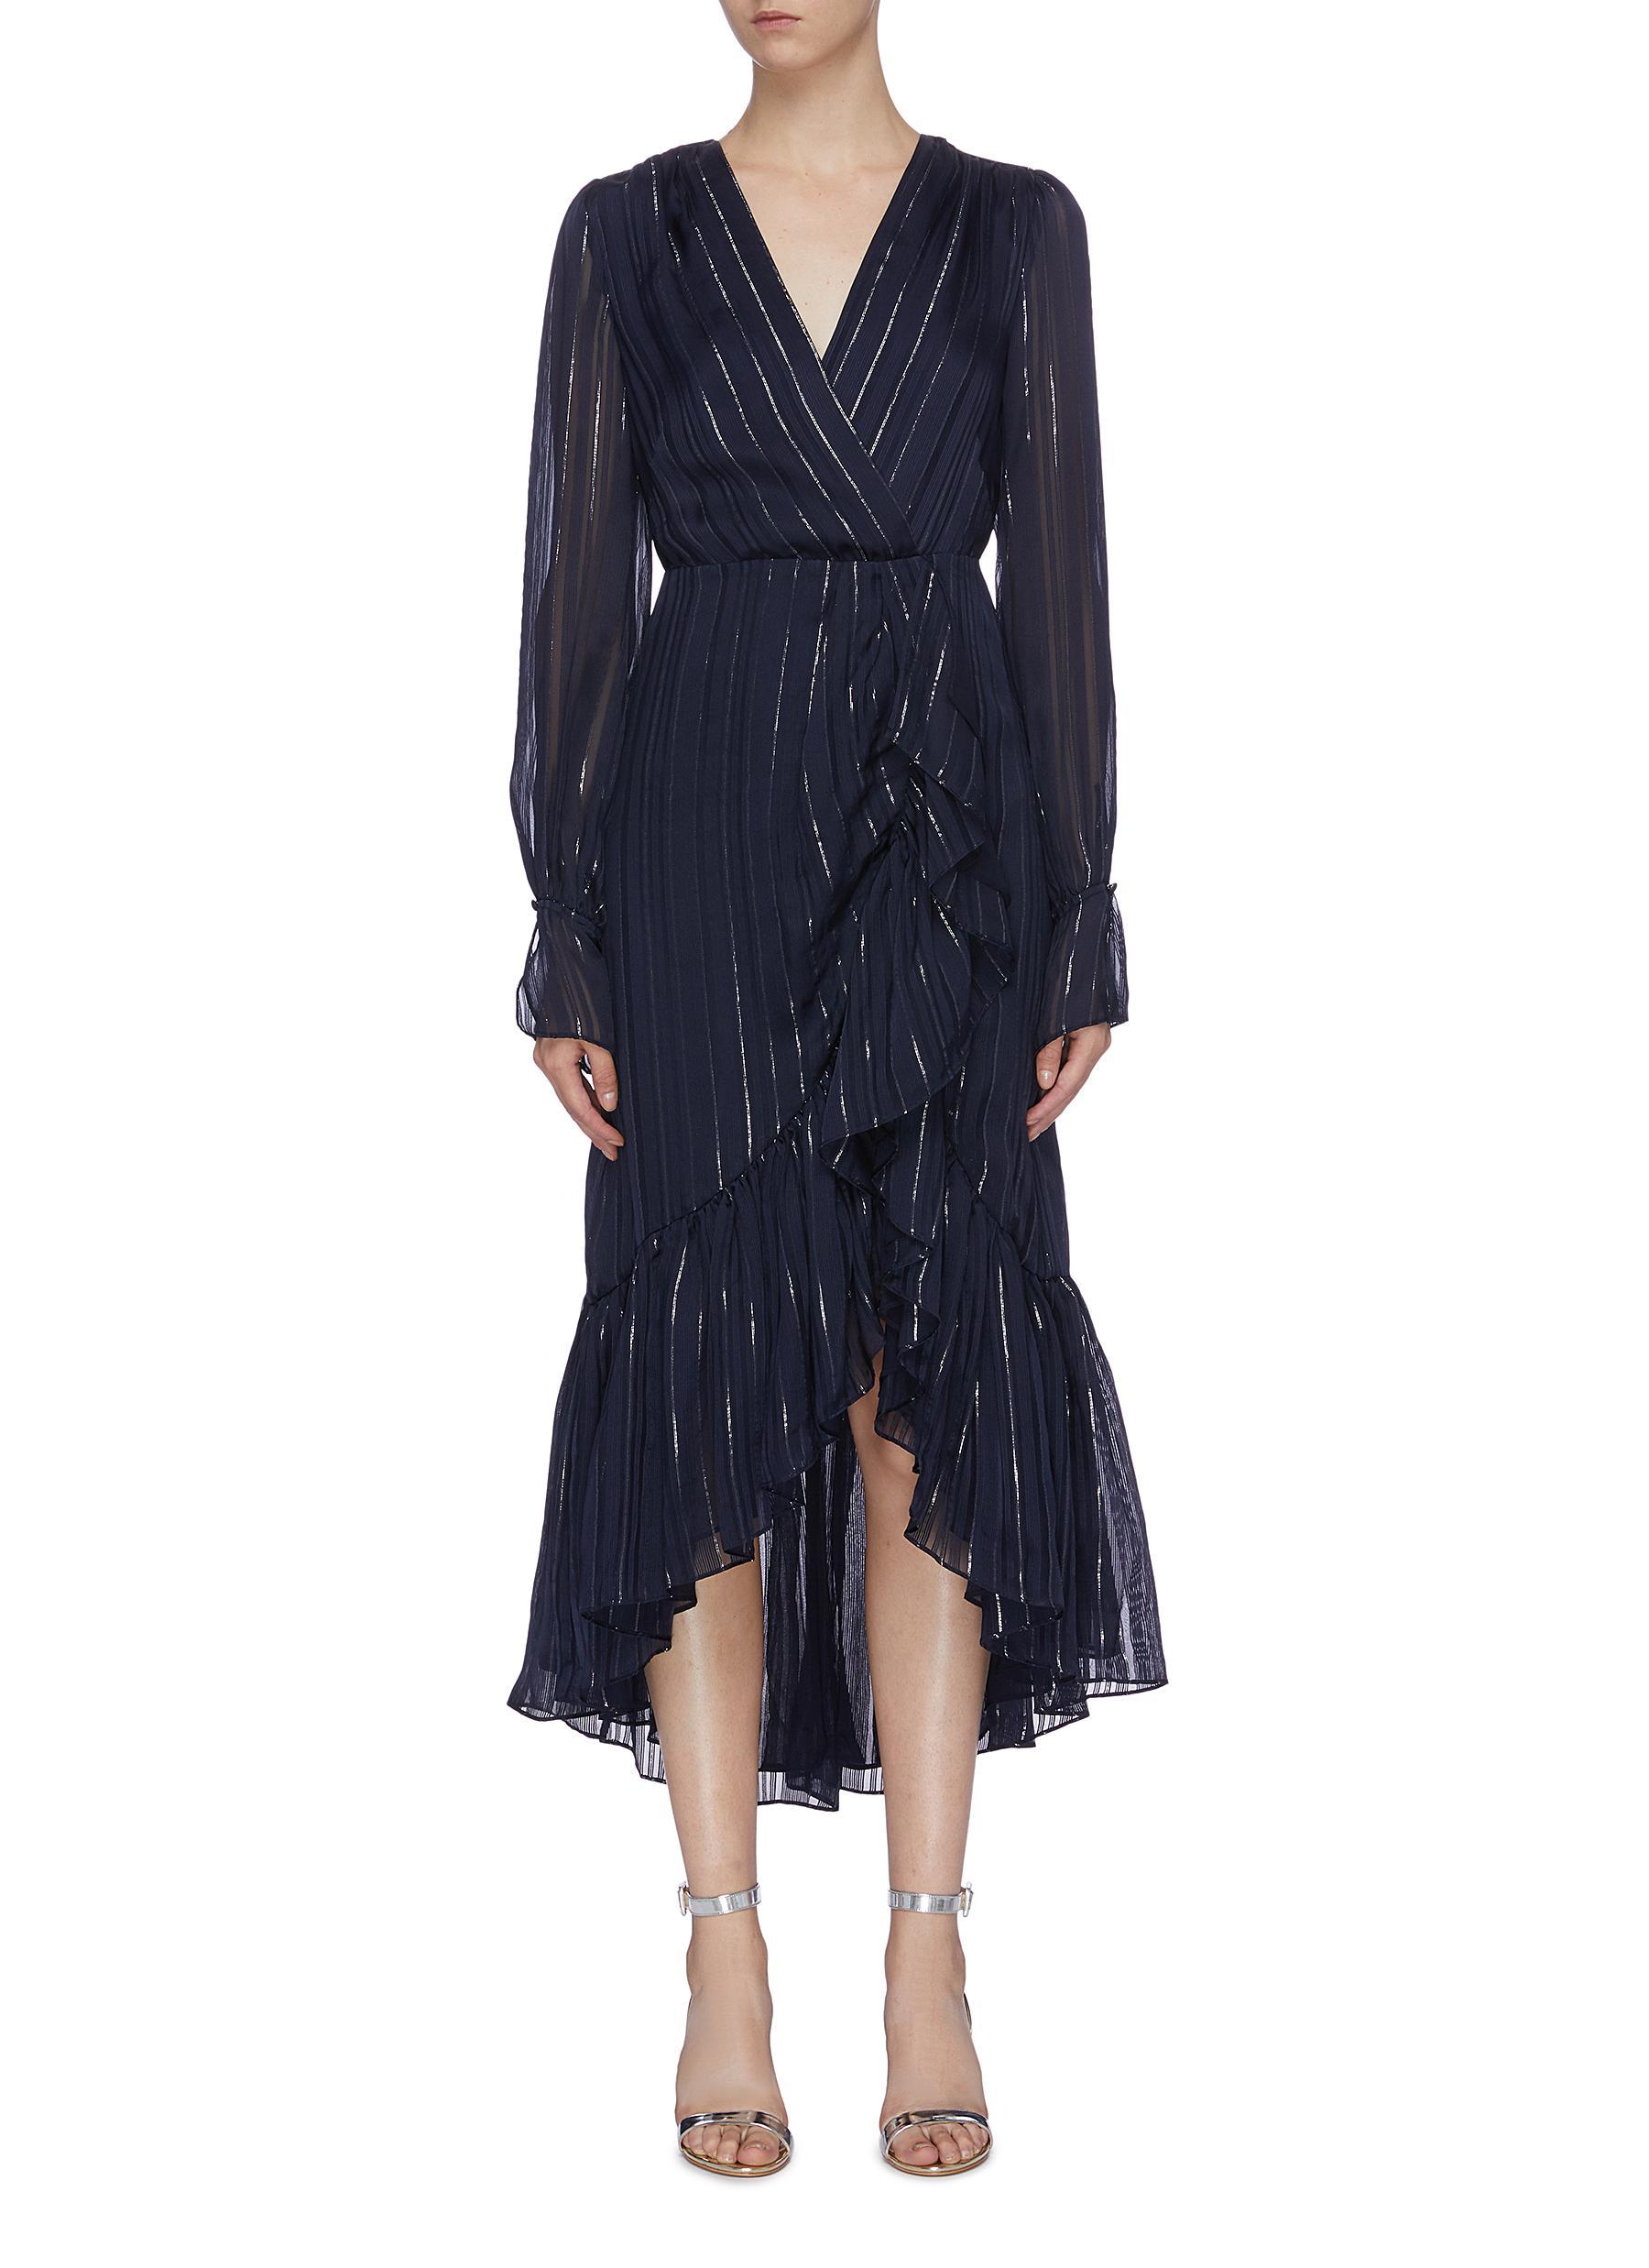 Ruffle metallic stripe chiffon mock wrap dress by Jonathan Simkhai